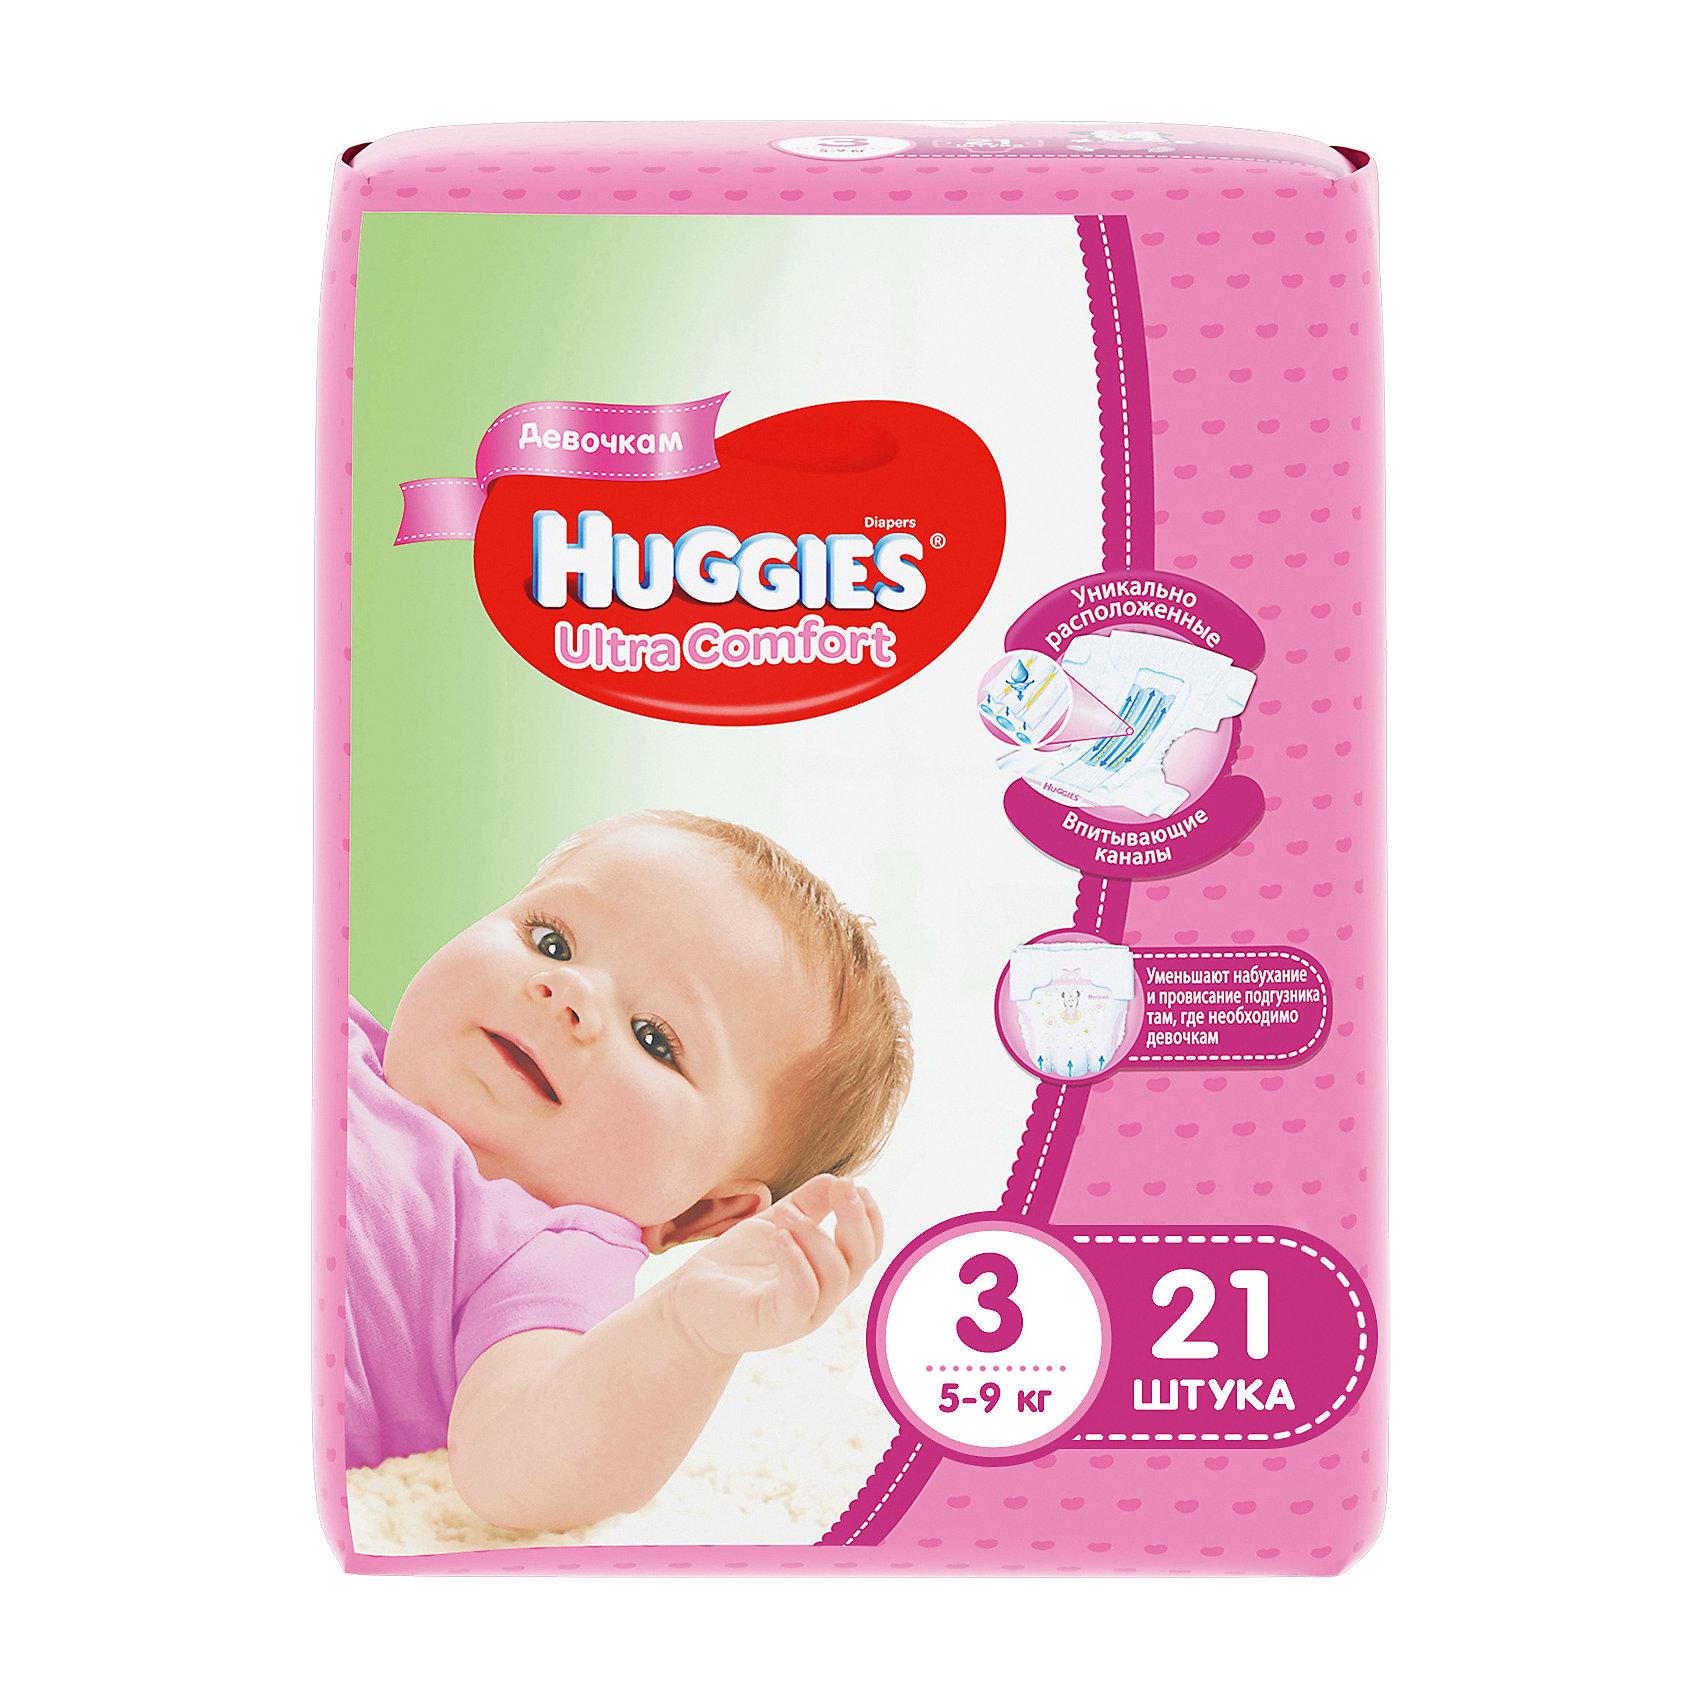 HUGGIES Подгузники Ultra Comfort для девочек 3, 5-9 кг, 21шт., Huggies